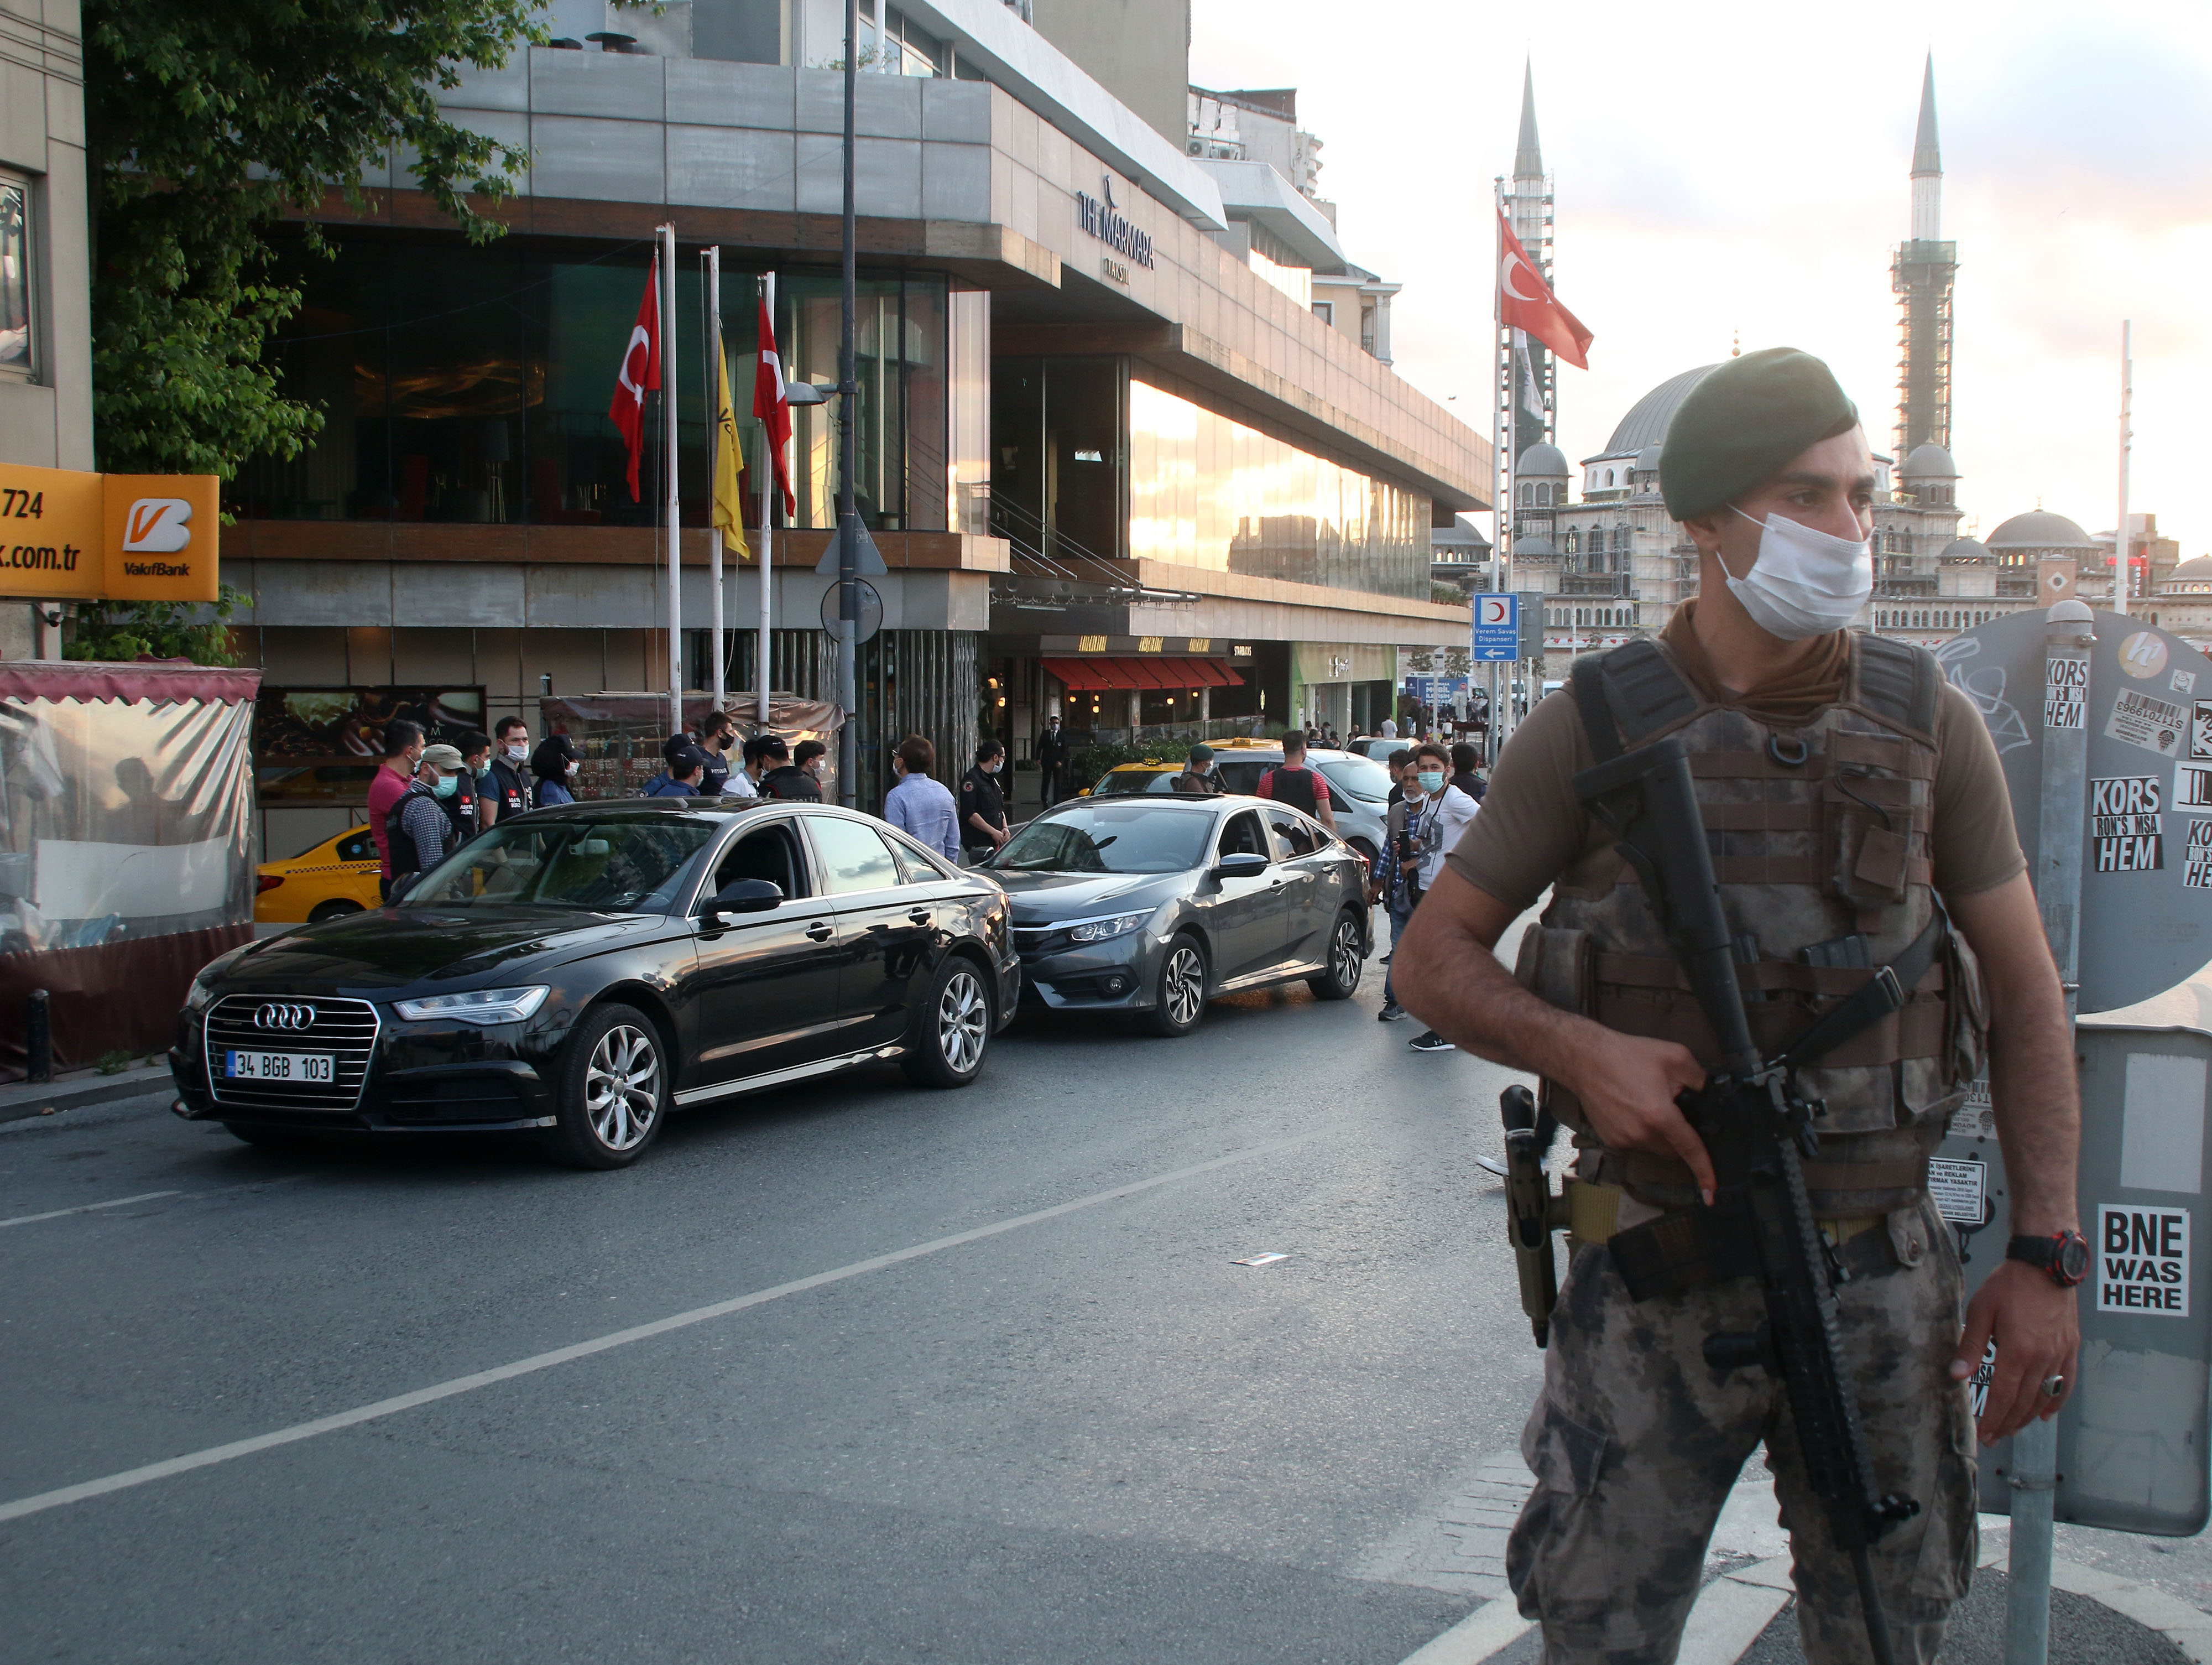 İstanbul'da 5 bin polisin katılımıyla 'Yeditepe Huzur' denetimi